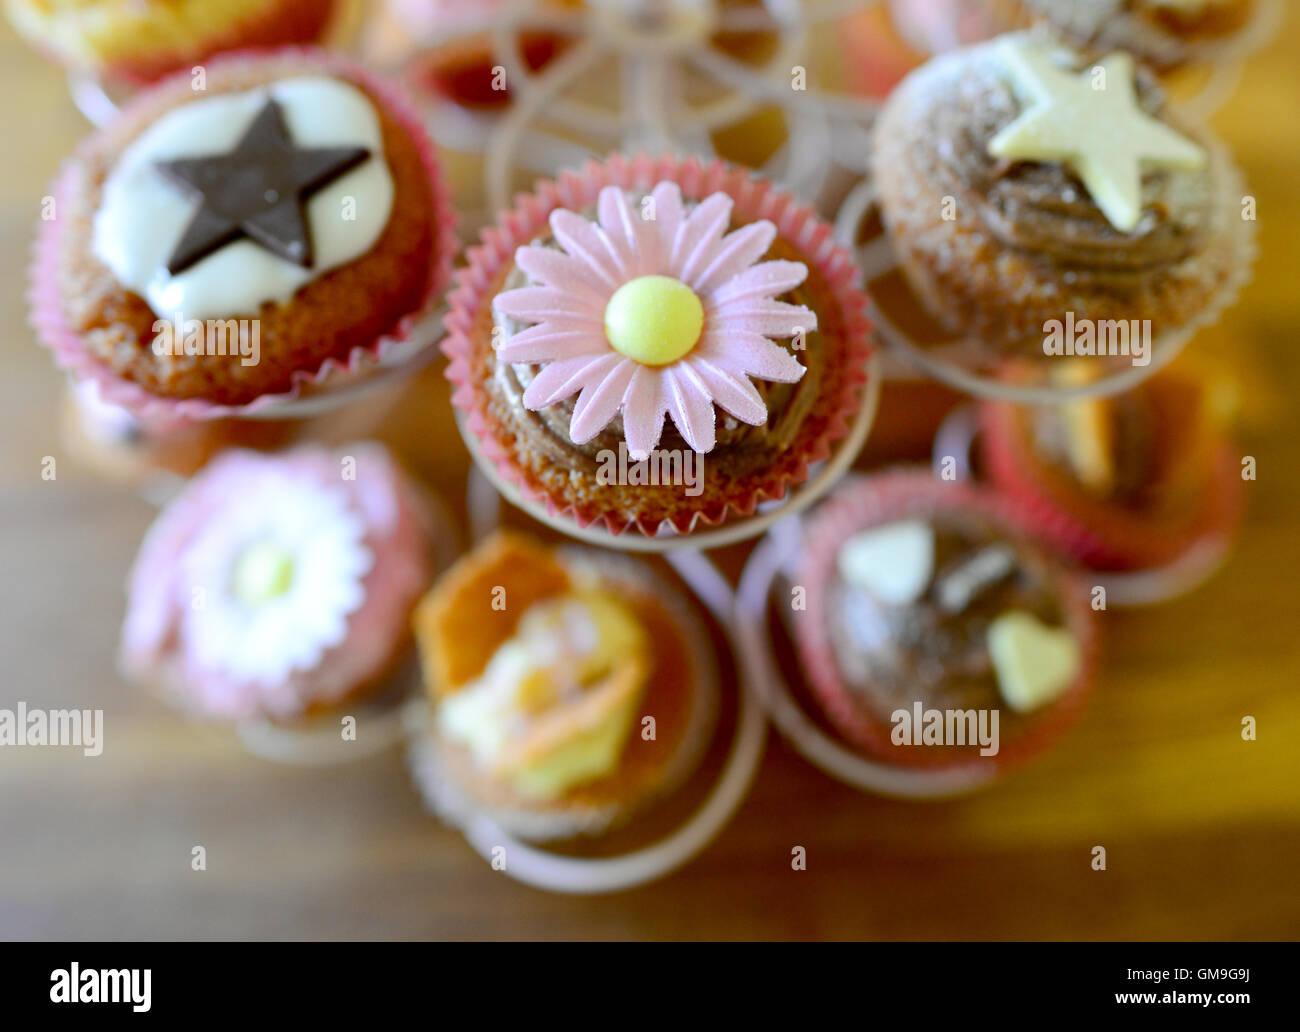 Cupcakes décorés sur un support d'affichage. Photo Stock